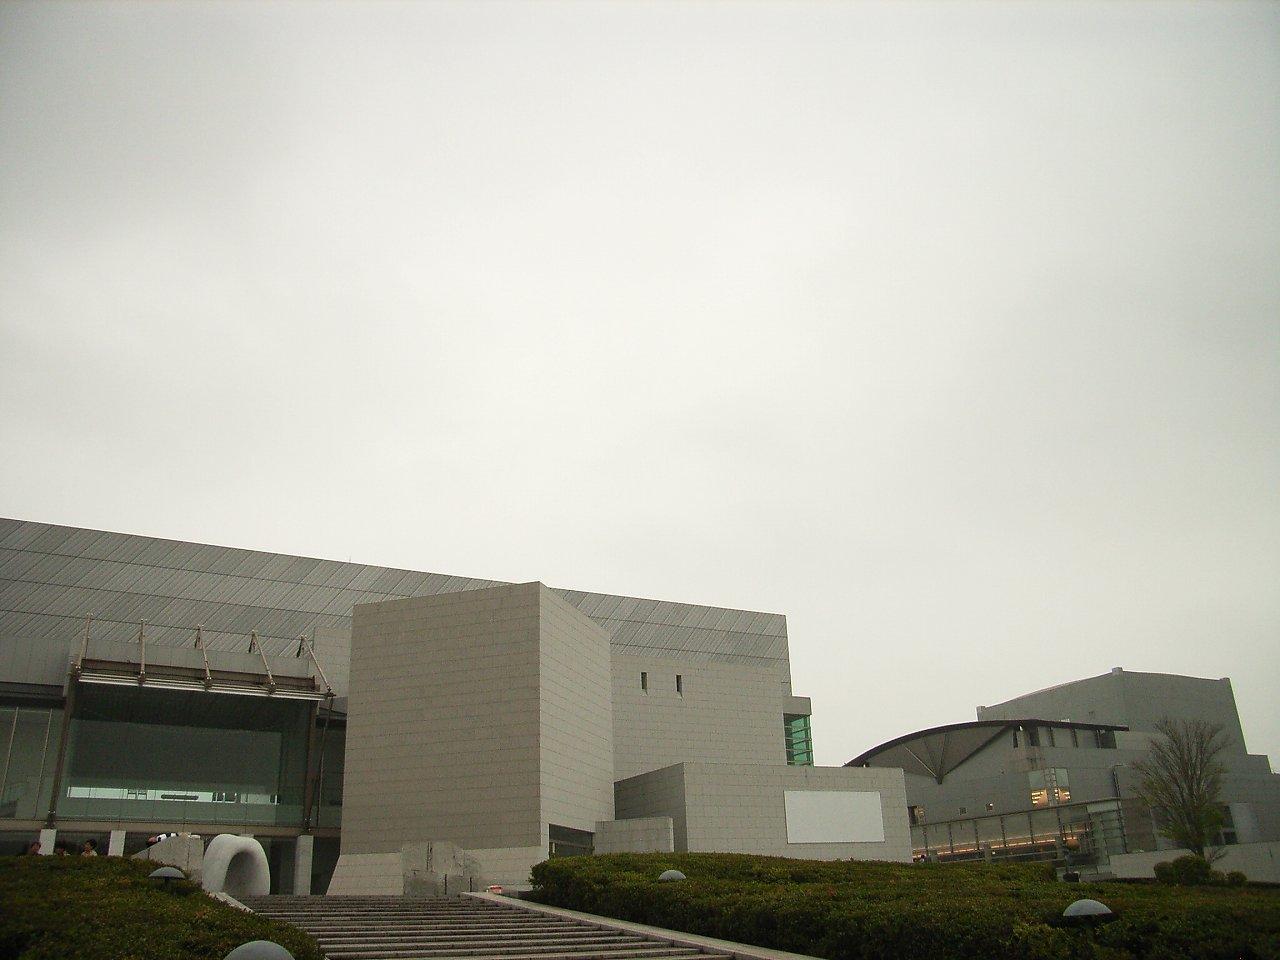 宮崎市民憩いの場の一角